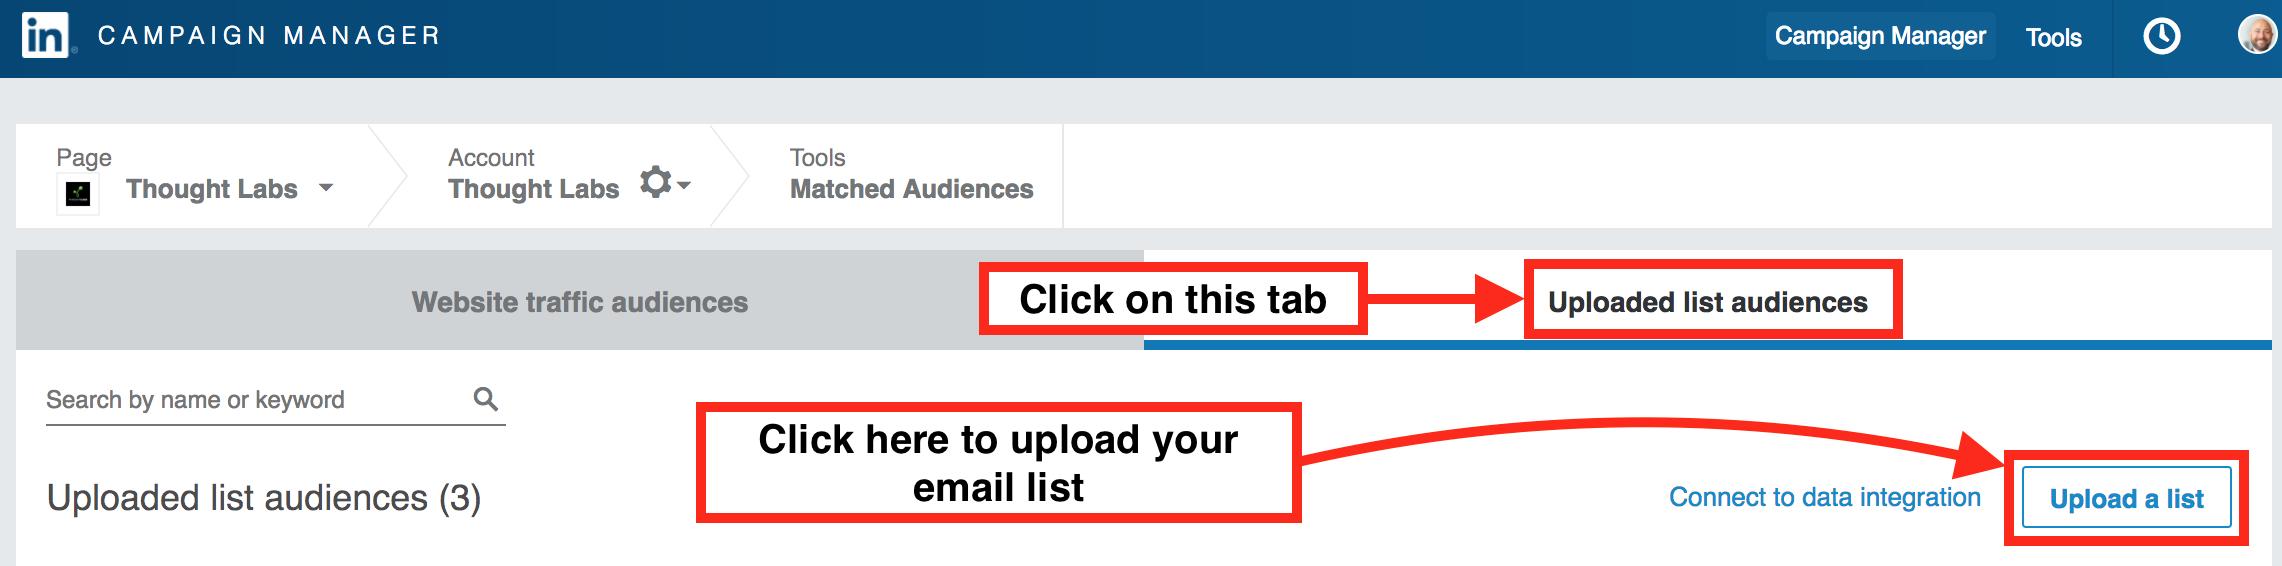 LinkedIn matched audiences upload list audiences tab